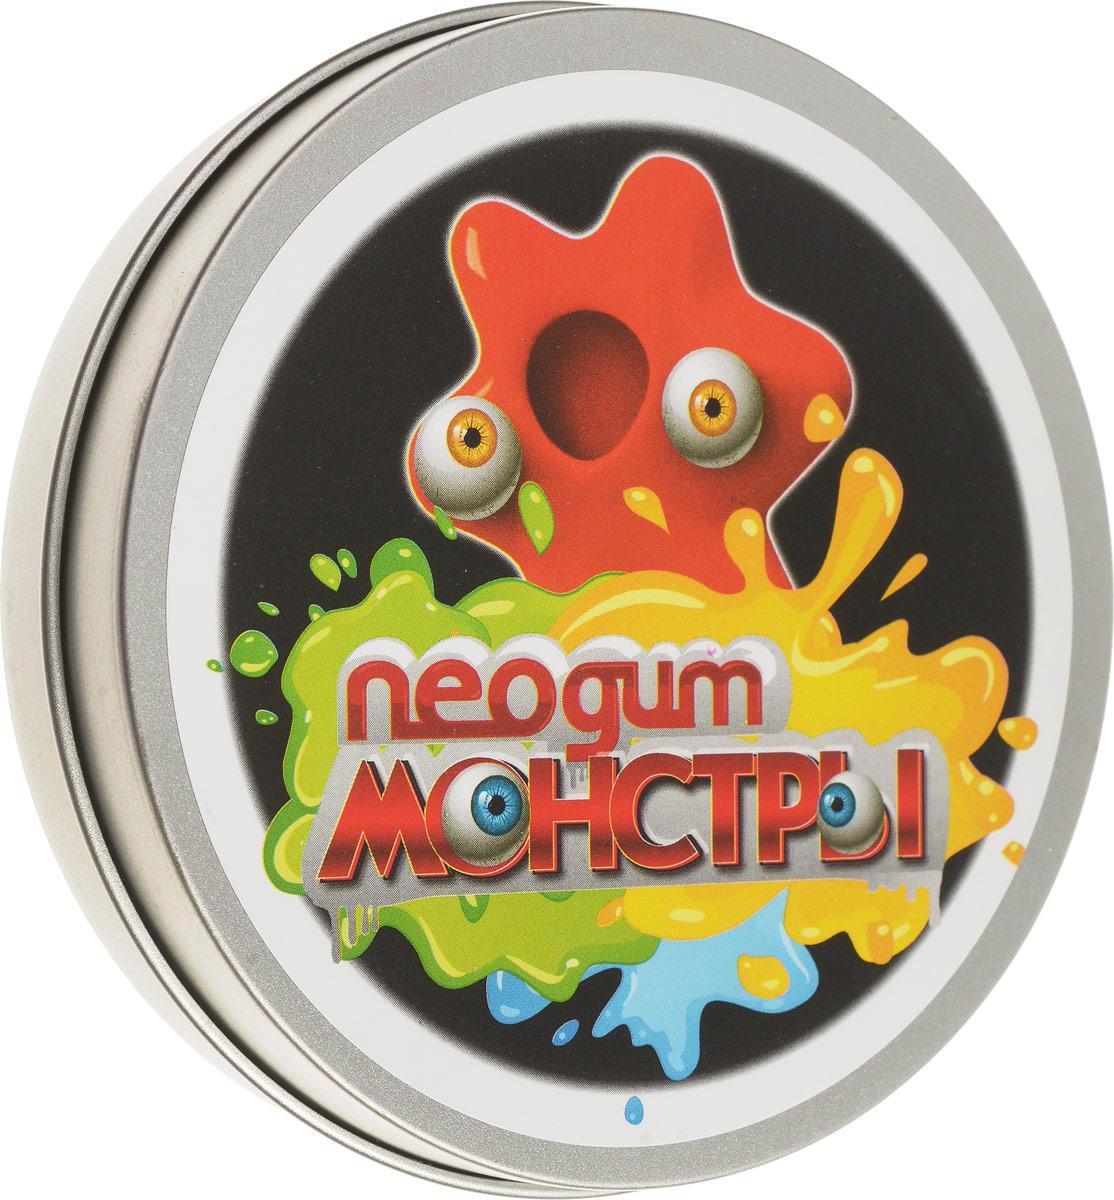 Neogum Пластилин Монстр цвет оранжевыйNM0005Пластилин Neogum Монстр отличается невероятной пластичностью, может отпрыгивать от пола и растекаться по ровной поверхности. Пластилин не пачкается, не пристает к коже и предметам. В комплекте с пластилином идут пластиковые глазки, которые превратят продукт вашей фантазии в милого и совсем нестрашного монстрика! Игра с пластилином Neogum помогает снять раздражение и агрессию, развить мелкую моторику и творческое мышление, а также укрепить мышцы кистей. Кроме того, он может стать незаменимым спутником в утомительных переездах и перелетах, эффективно избавляя от чрезмерного беспокойства и нервозности.